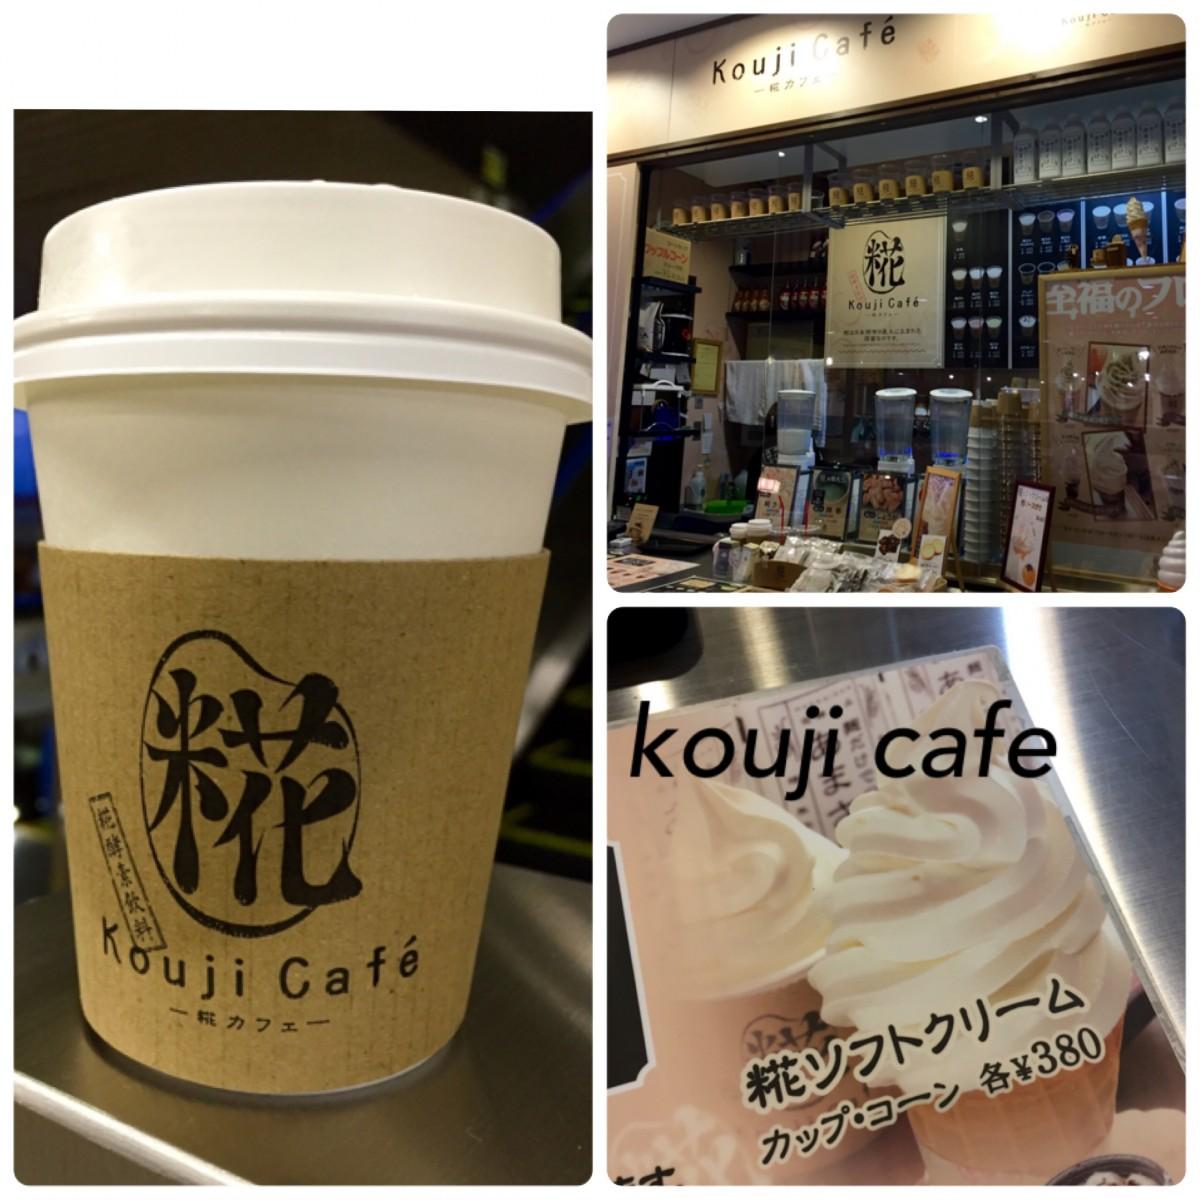 駅ナカ「糀カフェ」ショウガ入りや抹茶味も。一番人気は年間通じて糀ソフトクリーム。さすがお米が有名な越後湯沢駅にあるカフェ!